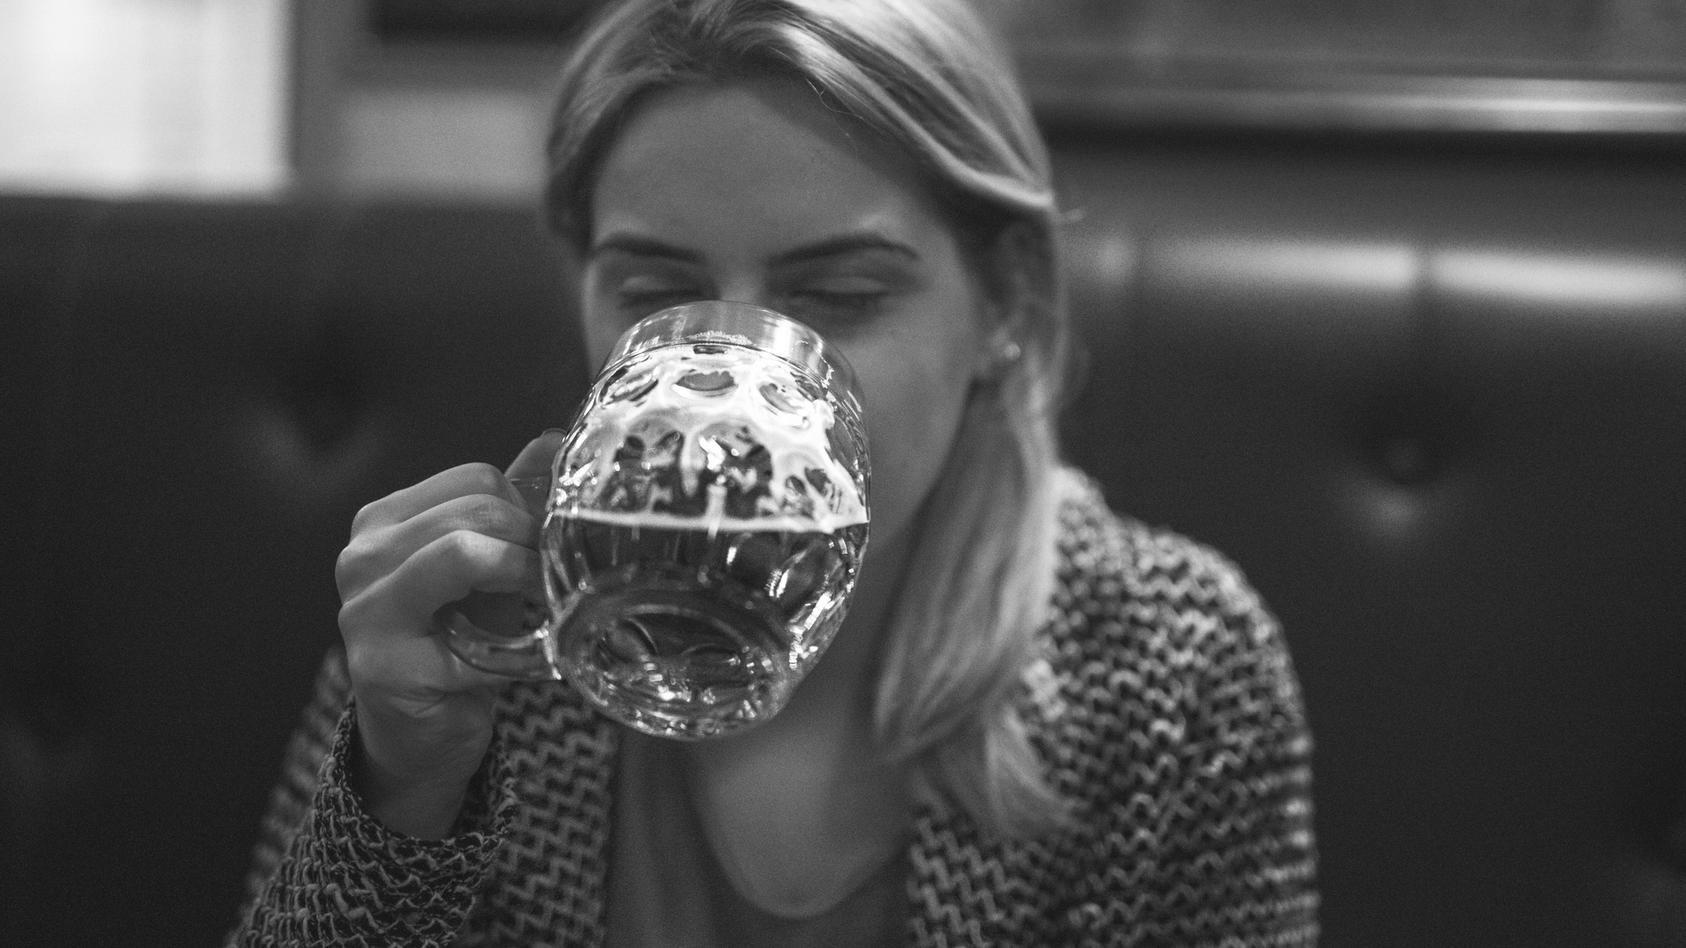 """Erschreckend: Trinkende Frauen gelten laut einer Studie als """"sexuell verfügbar""""."""